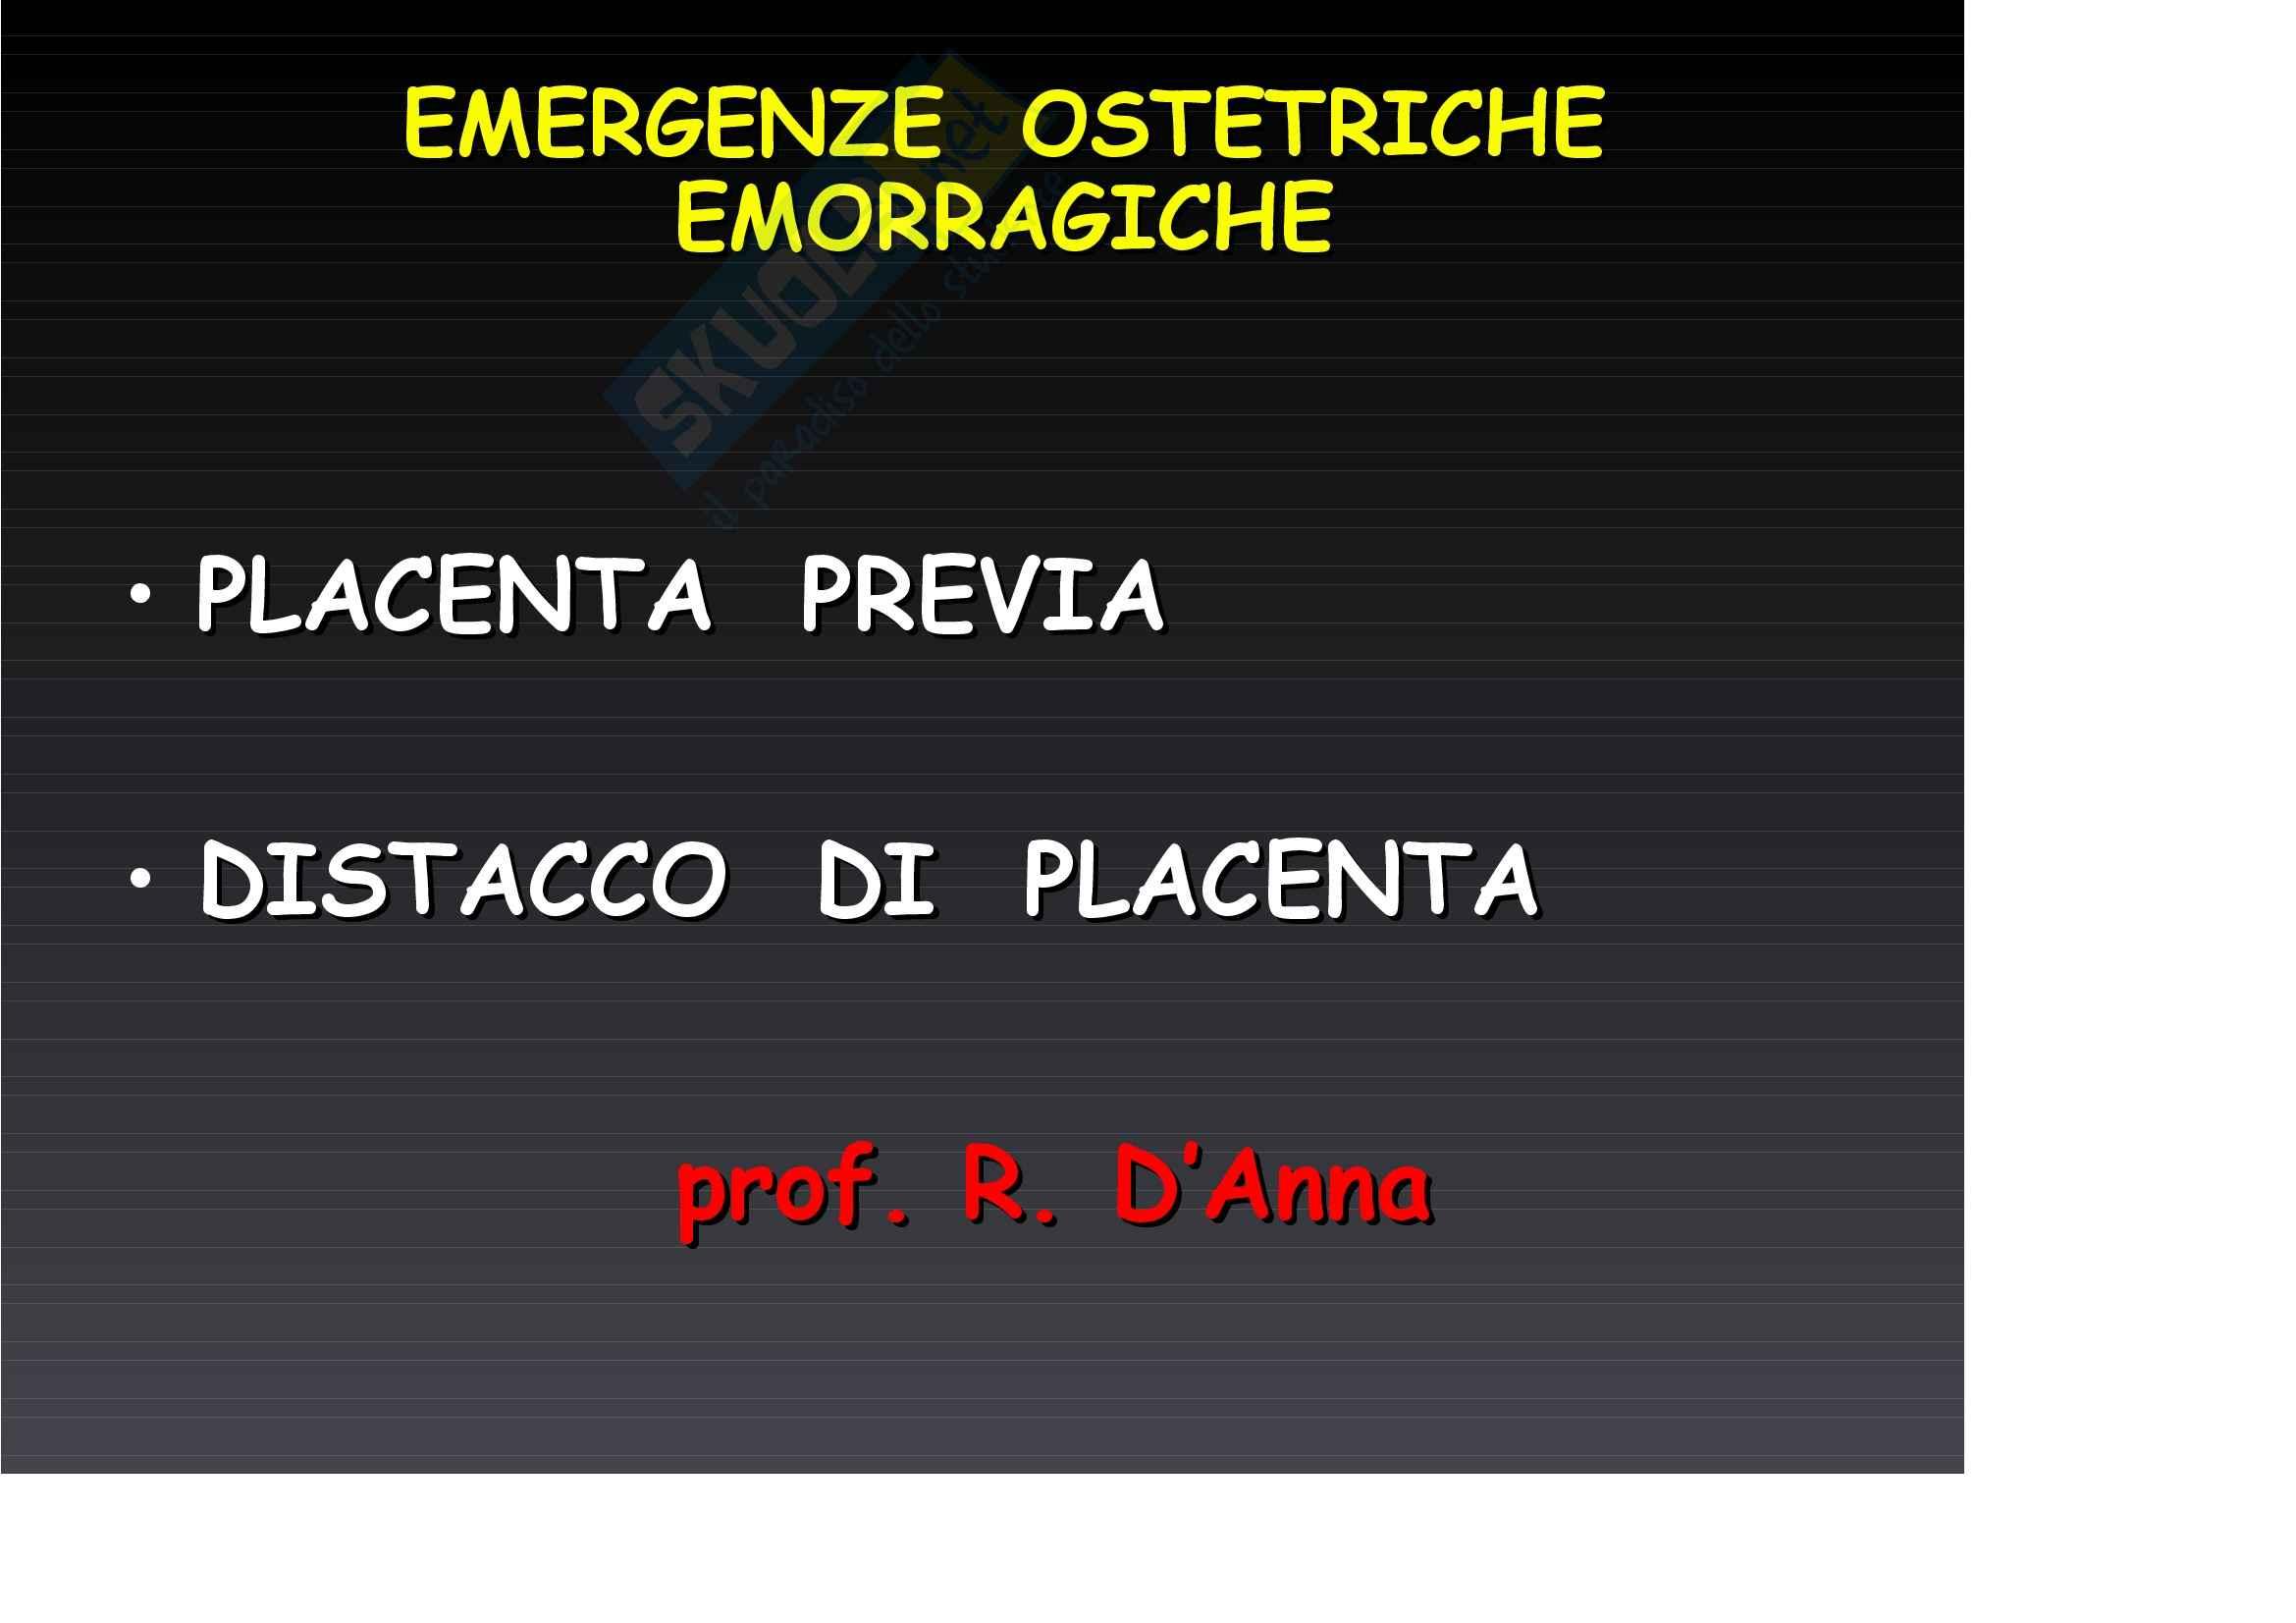 Ginecologia e ostetricia - Placenta Previa